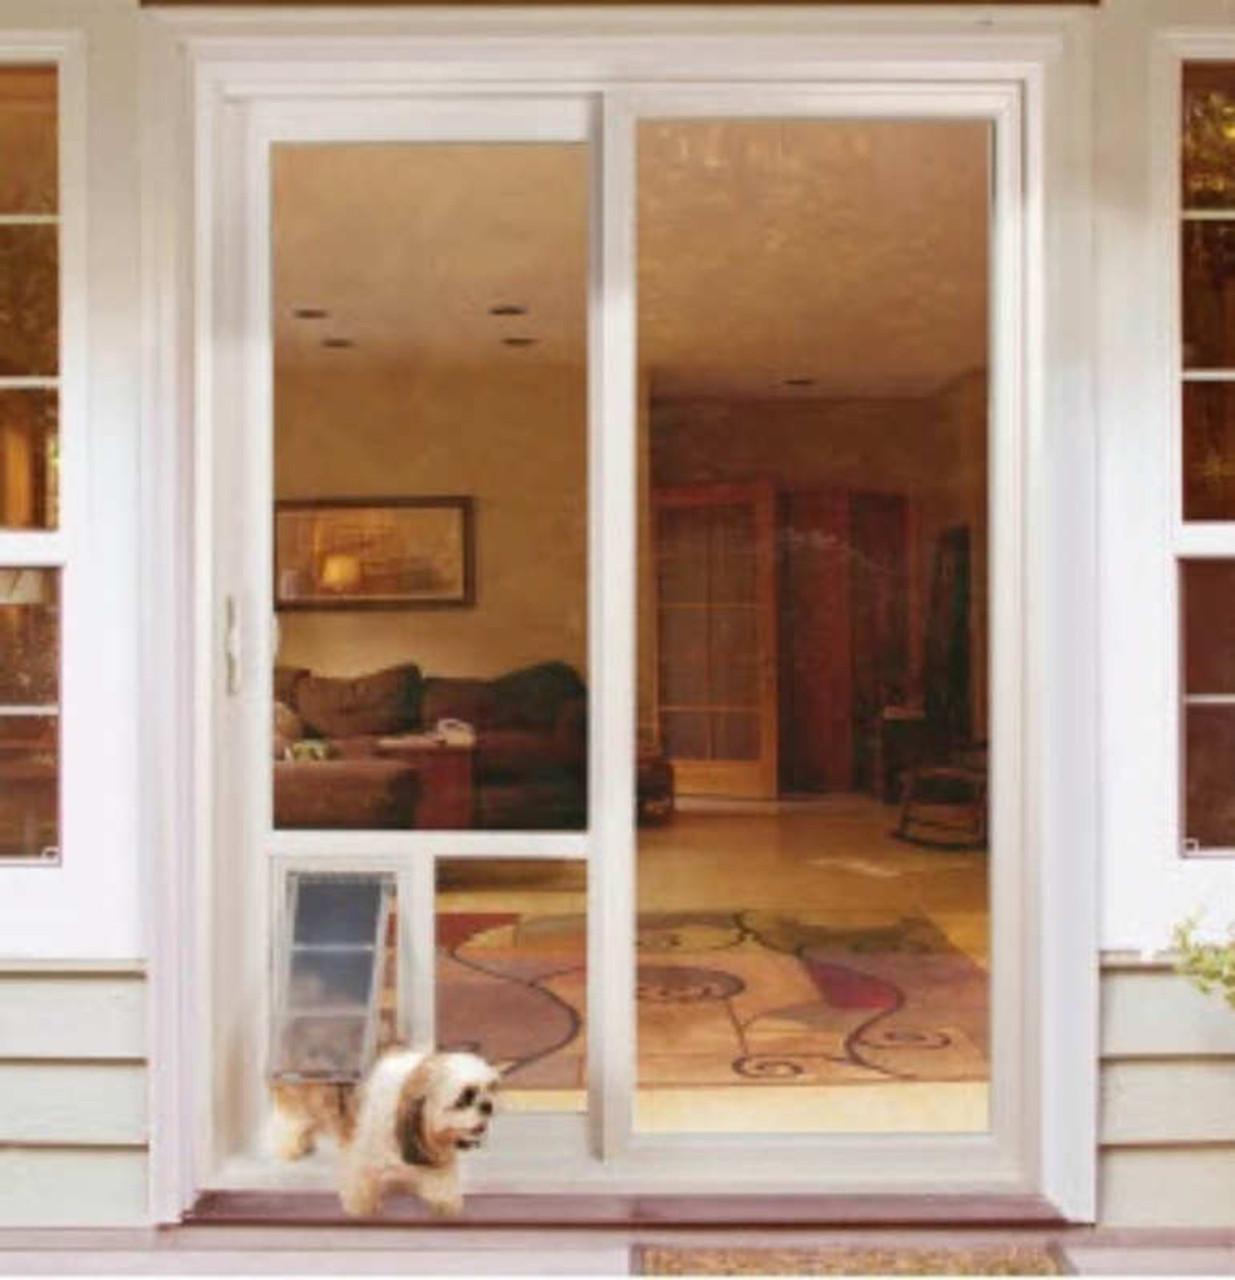 Pet door guys through glass doggy door pet door store pet door guys in glass doggy doors is a replacement window for your sliding door or planetlyrics Images